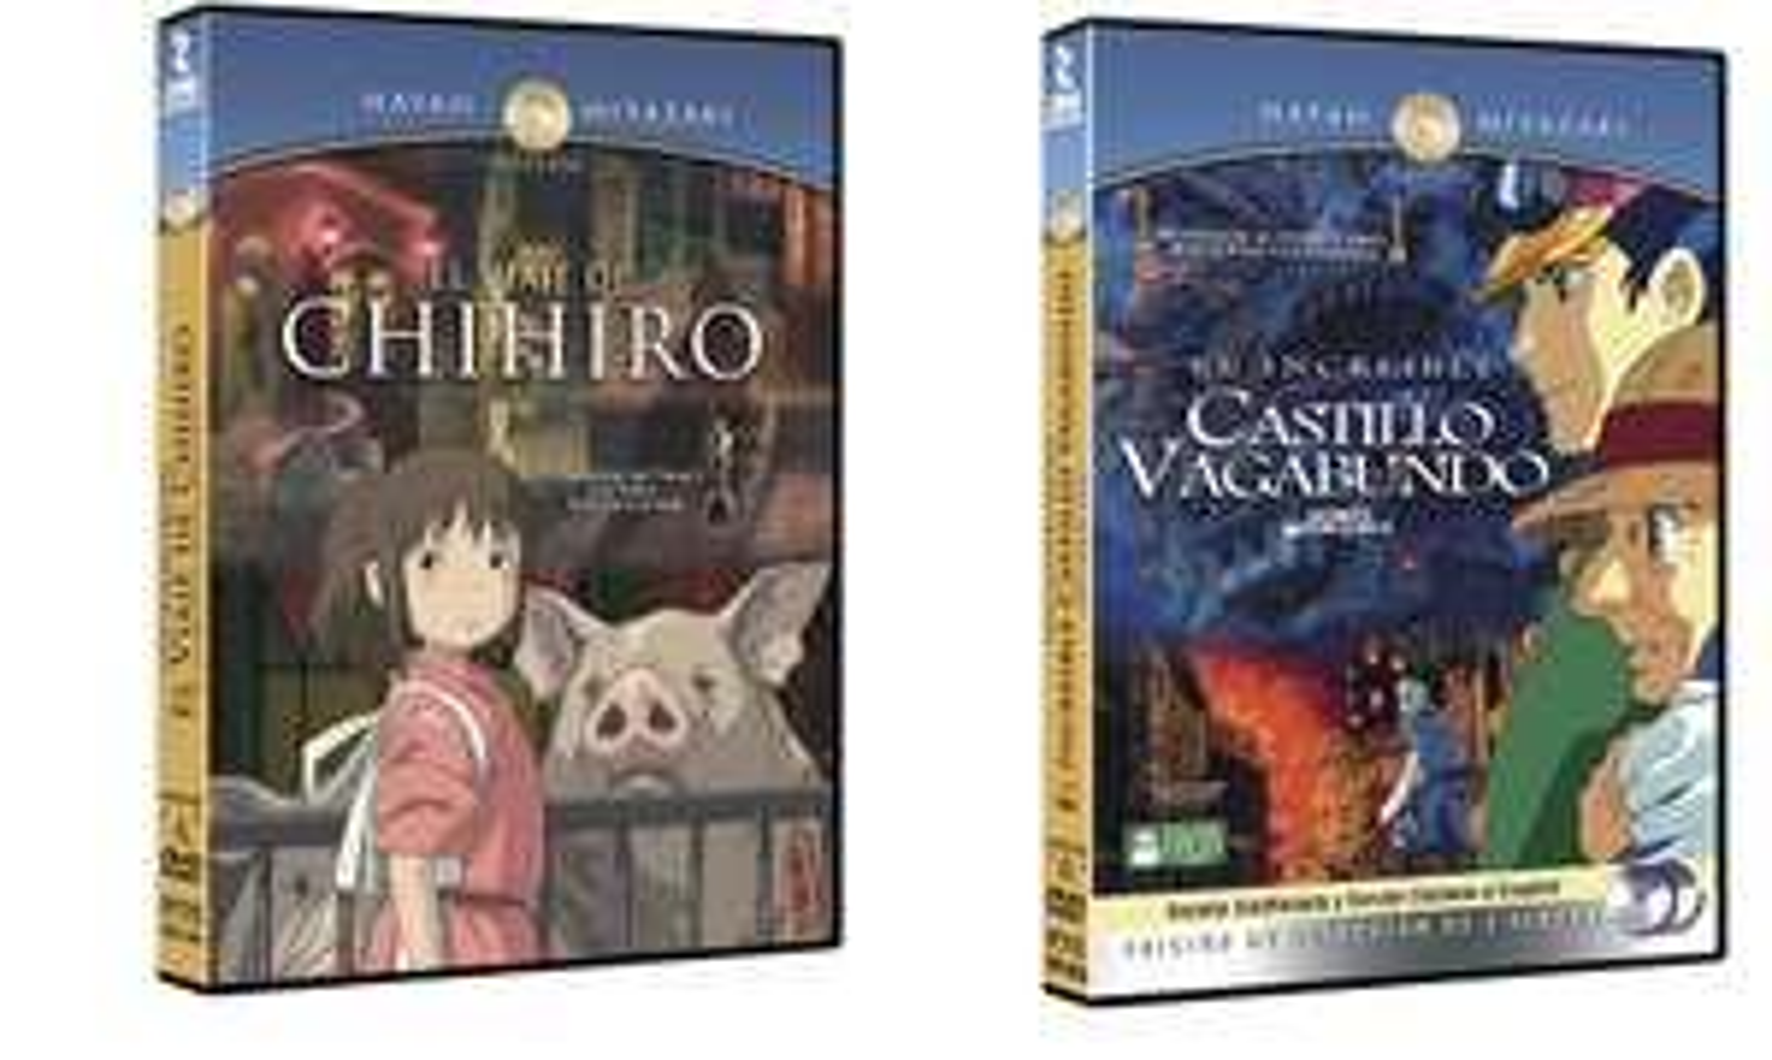 Amazon: películas DVD  ¨El Viaje de Chihiro¨ y ¨El Increíble Castillo Vagabundo¨ a $29 cada uno.